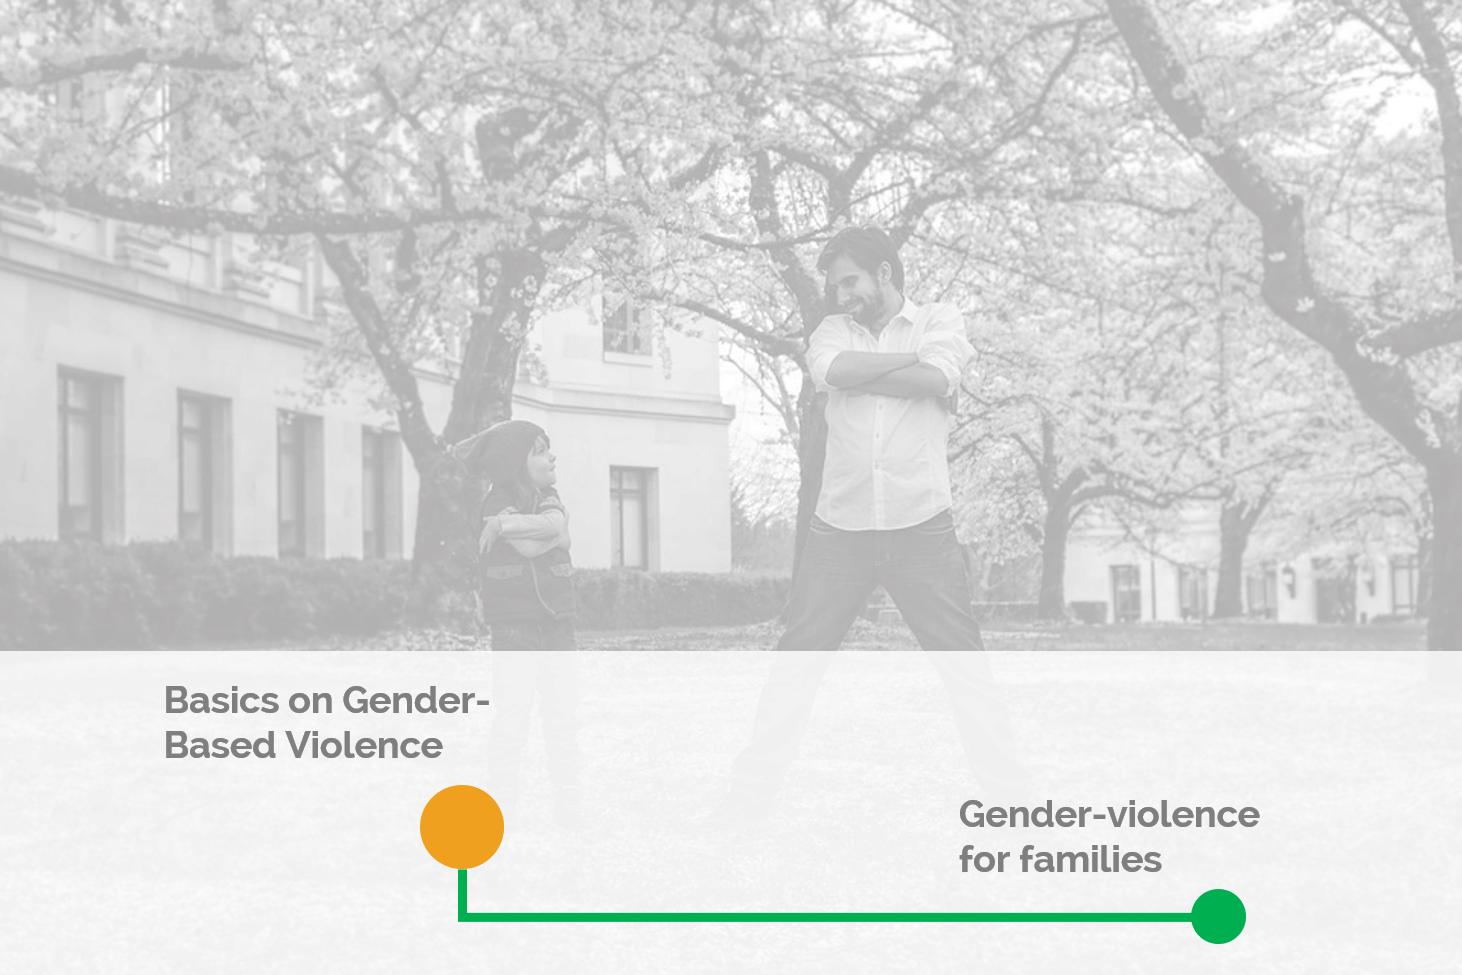 Gender-based violence for families